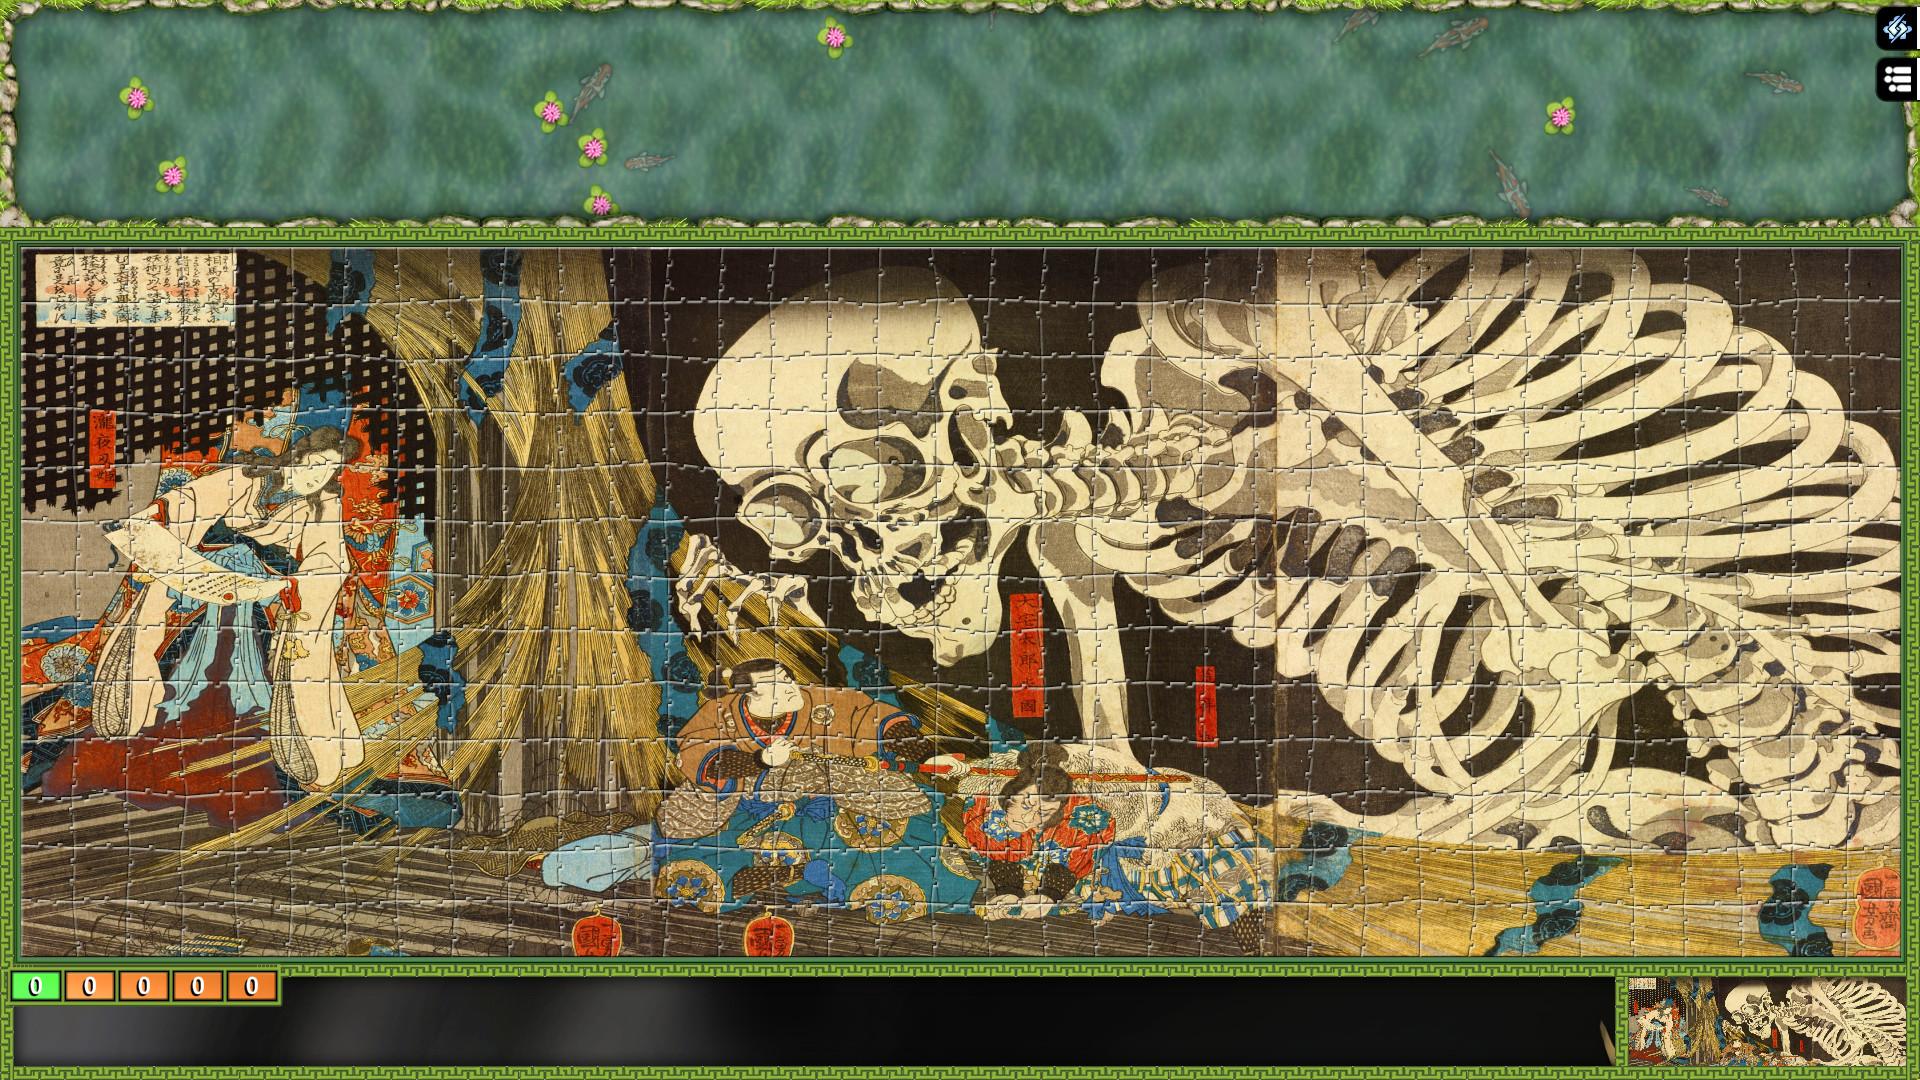 Jigsaw Puzzle Pack - Pixel Puzzles Ultimate: Ukiyo-e screenshot